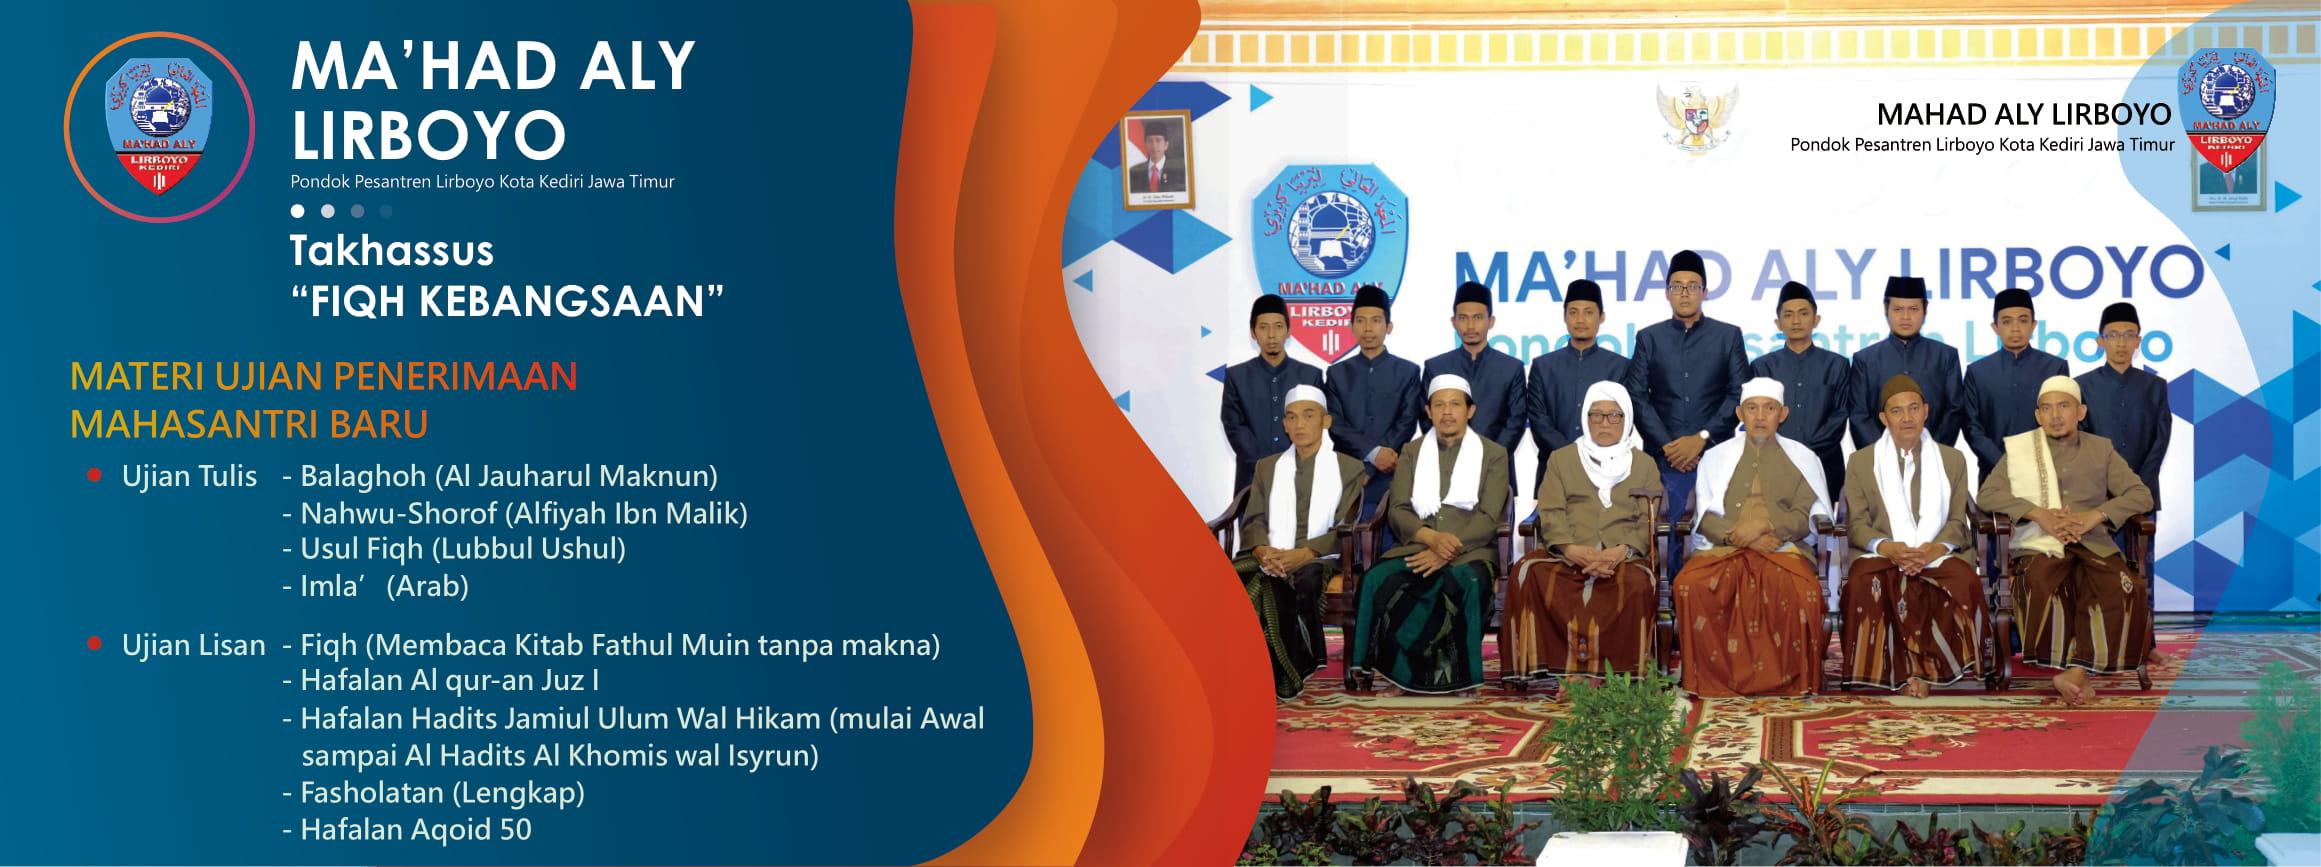 Banner Mahad Aly